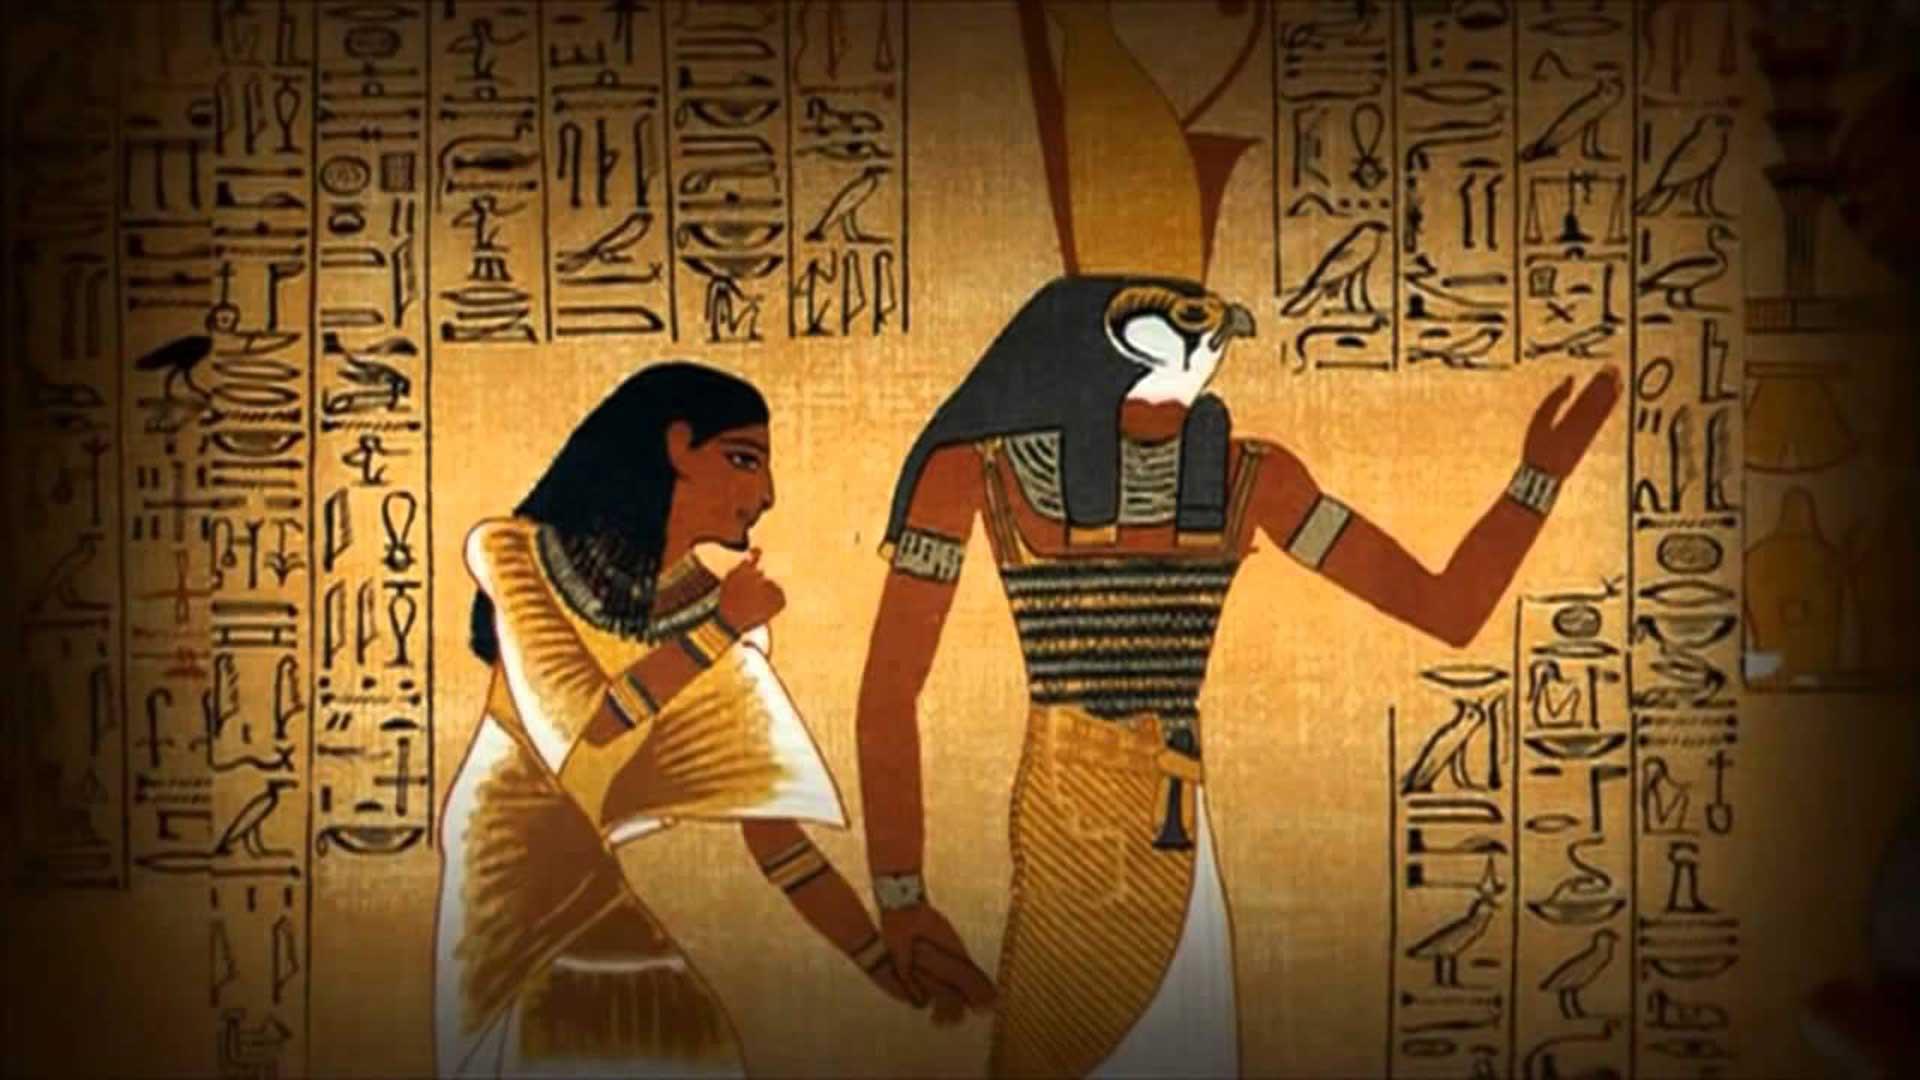 VIDEO – Dioses y vida futura en el Libro egipcio de los muertos